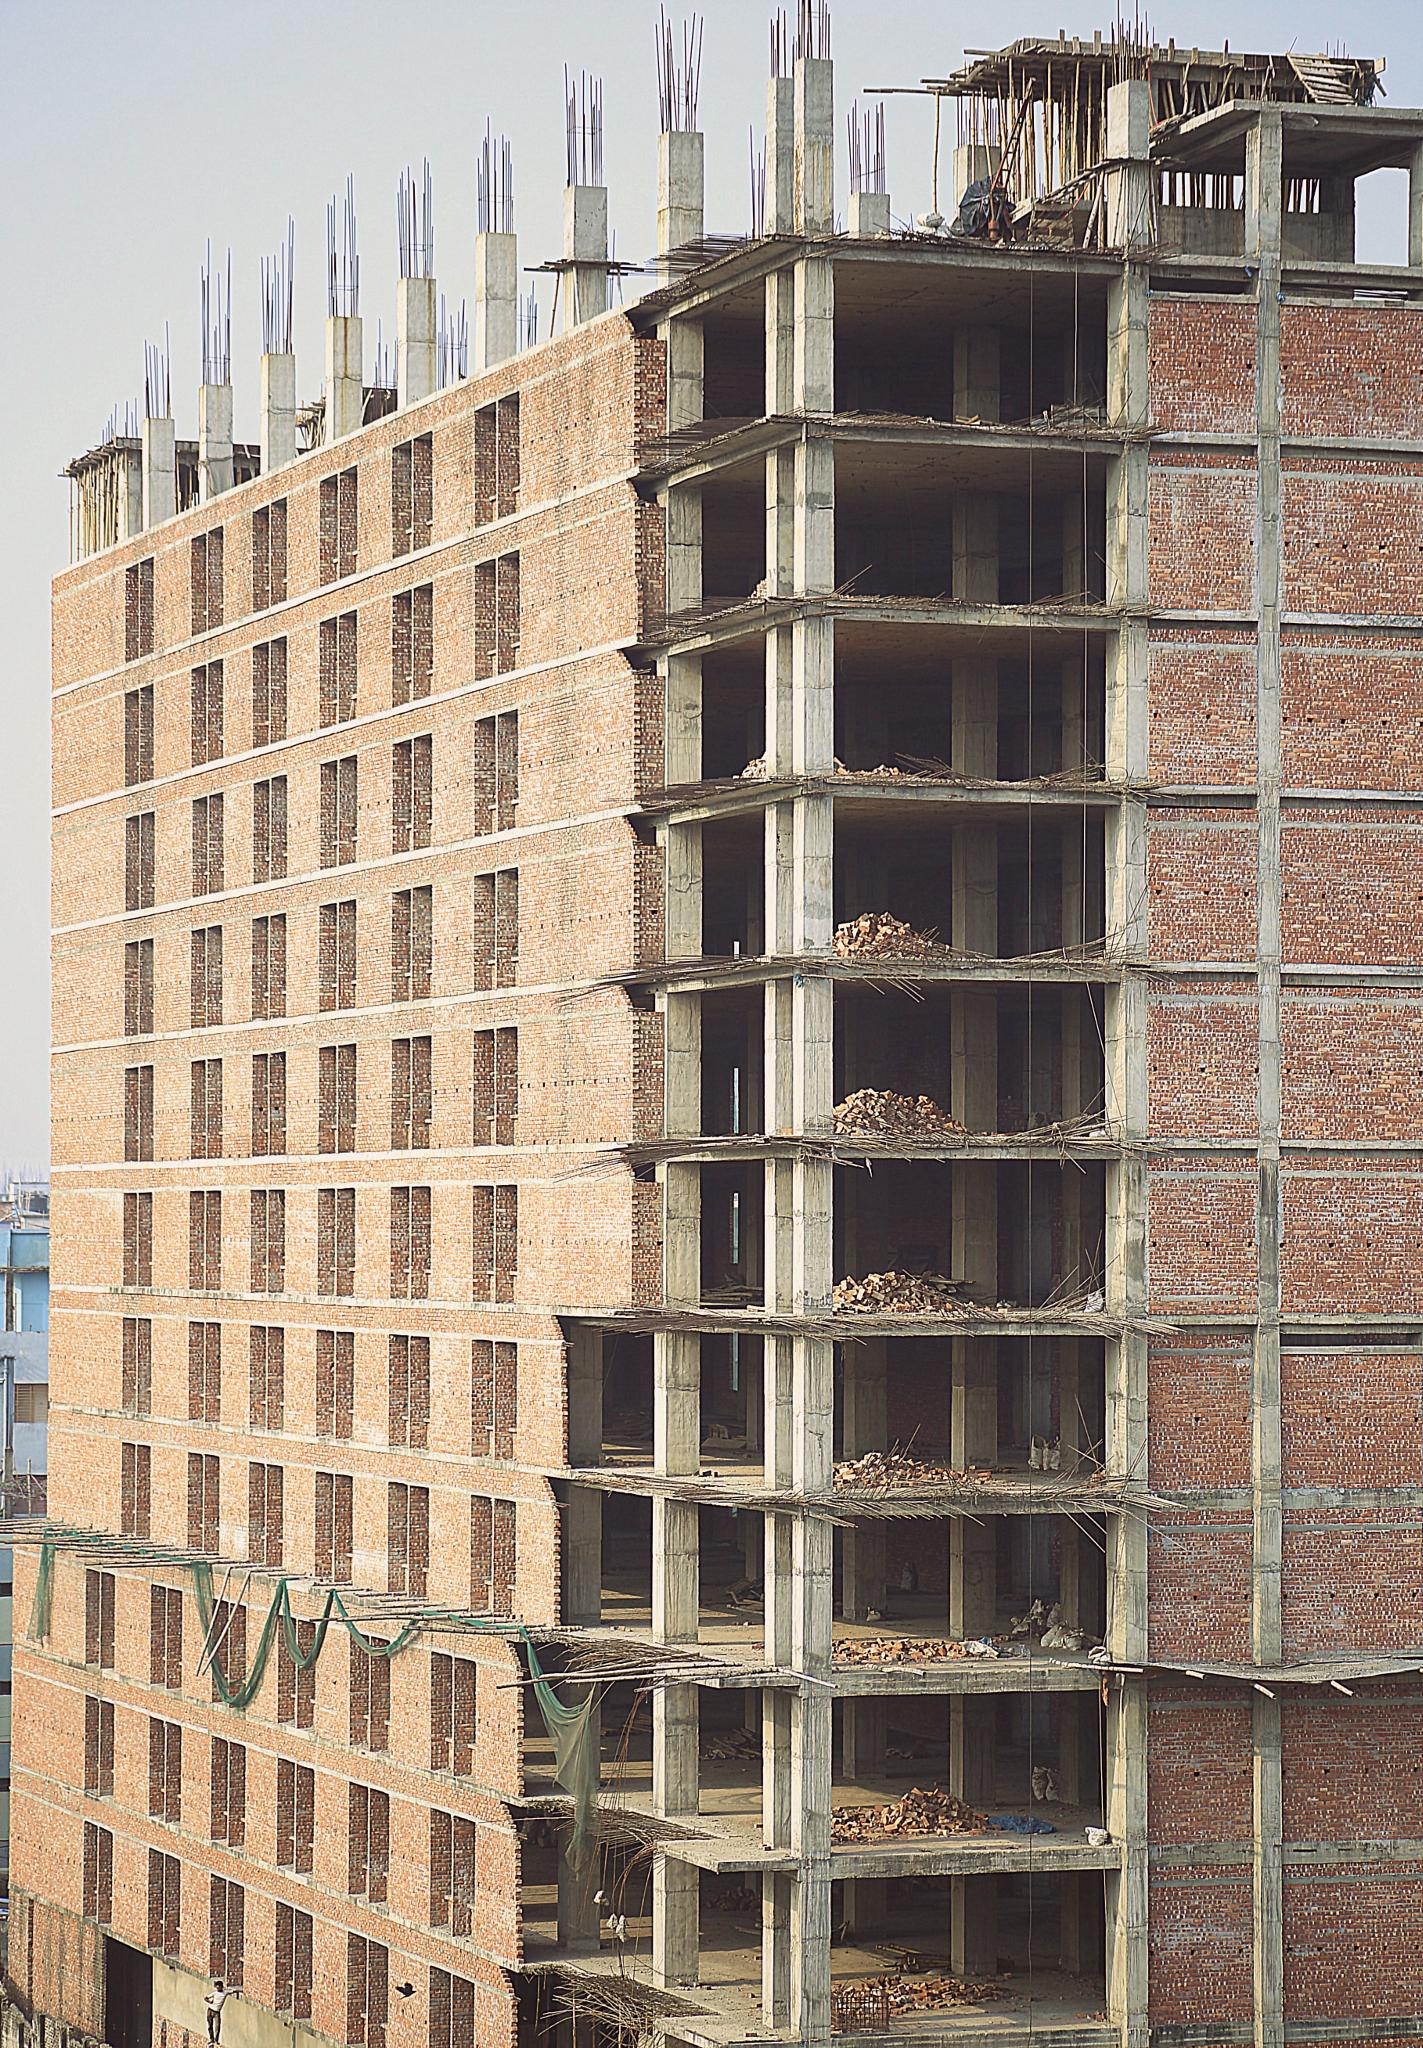 Under construction  by Samir khan